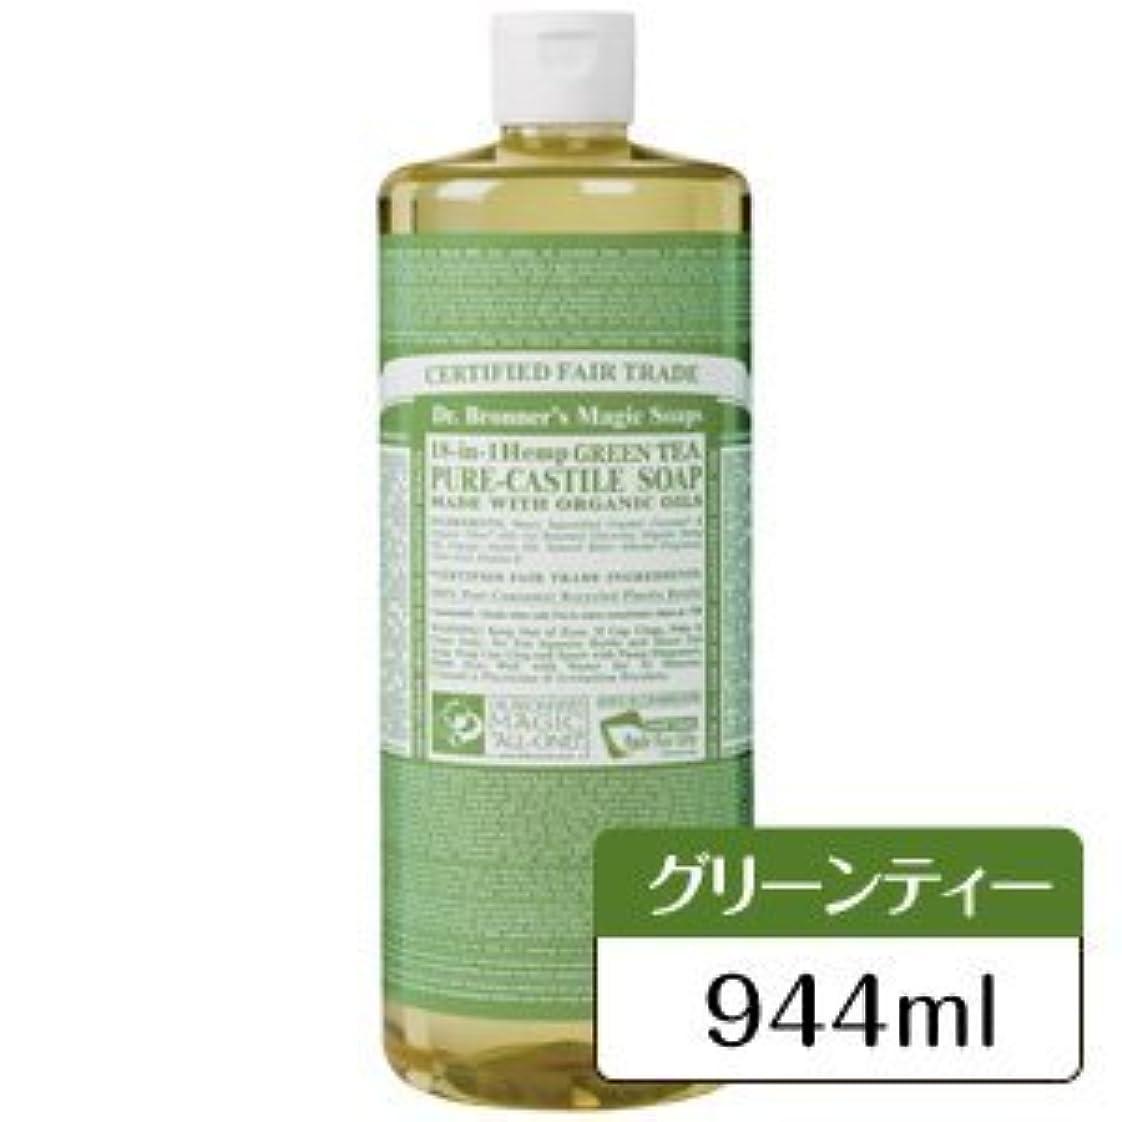 霜ブート投資する【正規輸入品】 マジックソープ 944ml (グリーンティ)